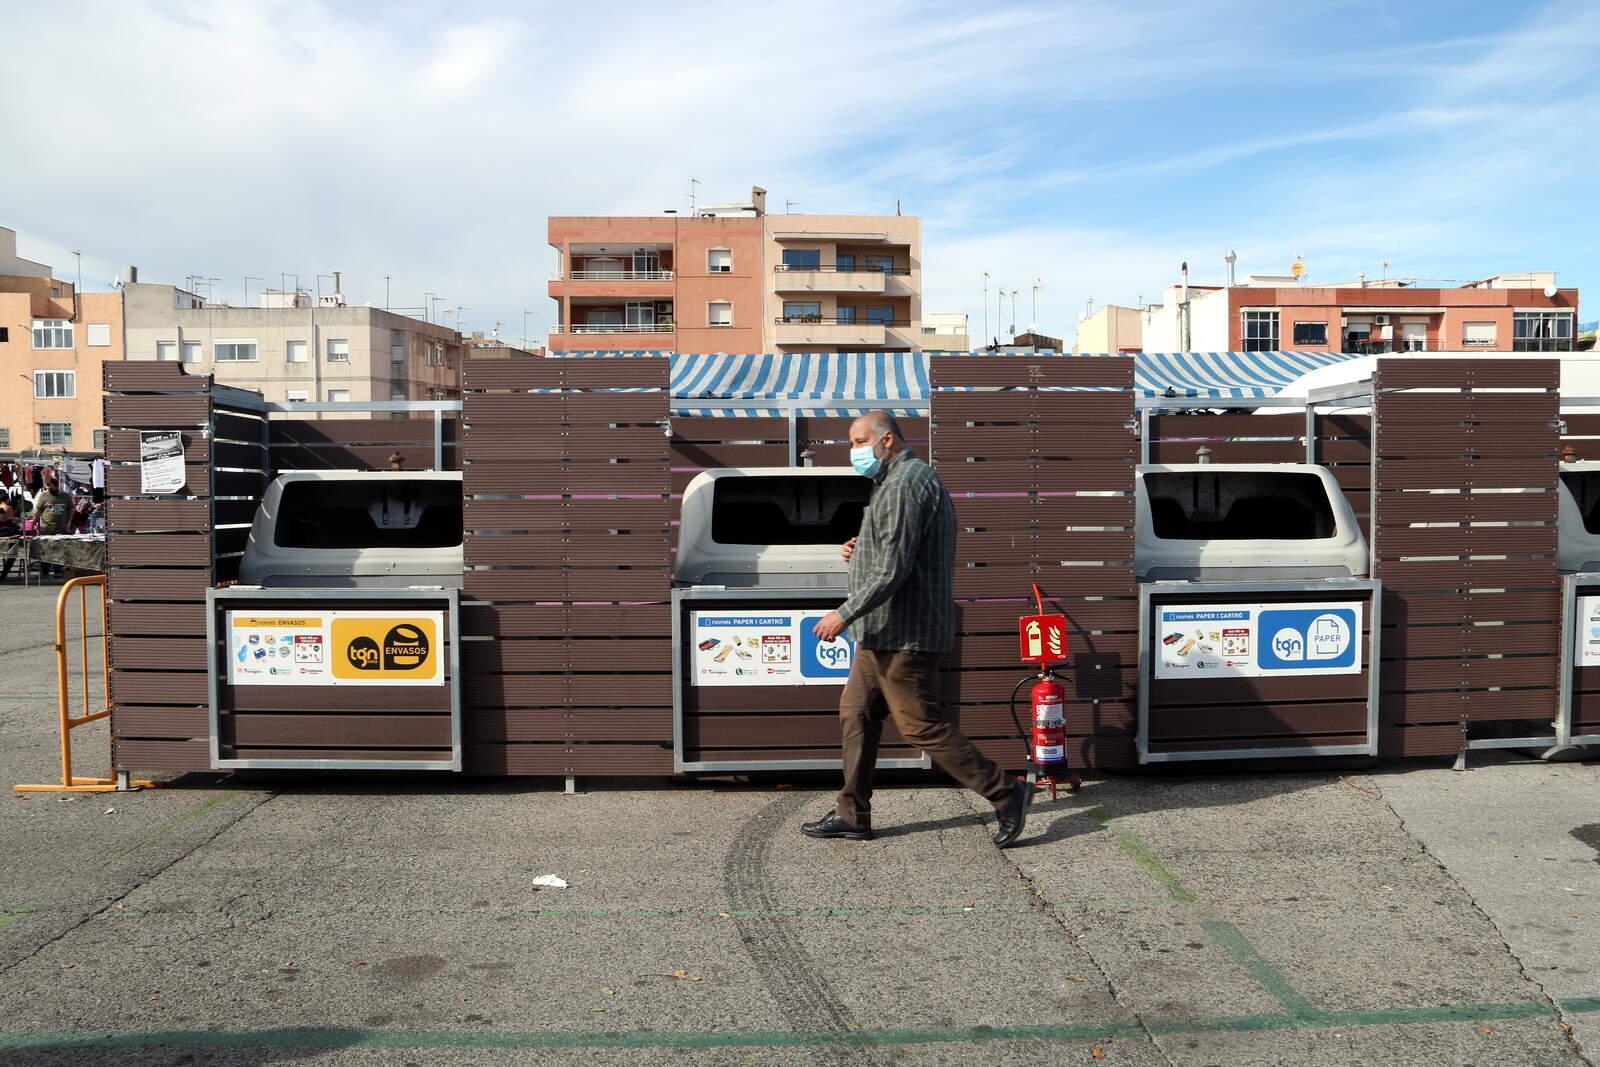 Home caminant davant els contenidros de recollida selectiva del mercat de Bonavista de Tarragona